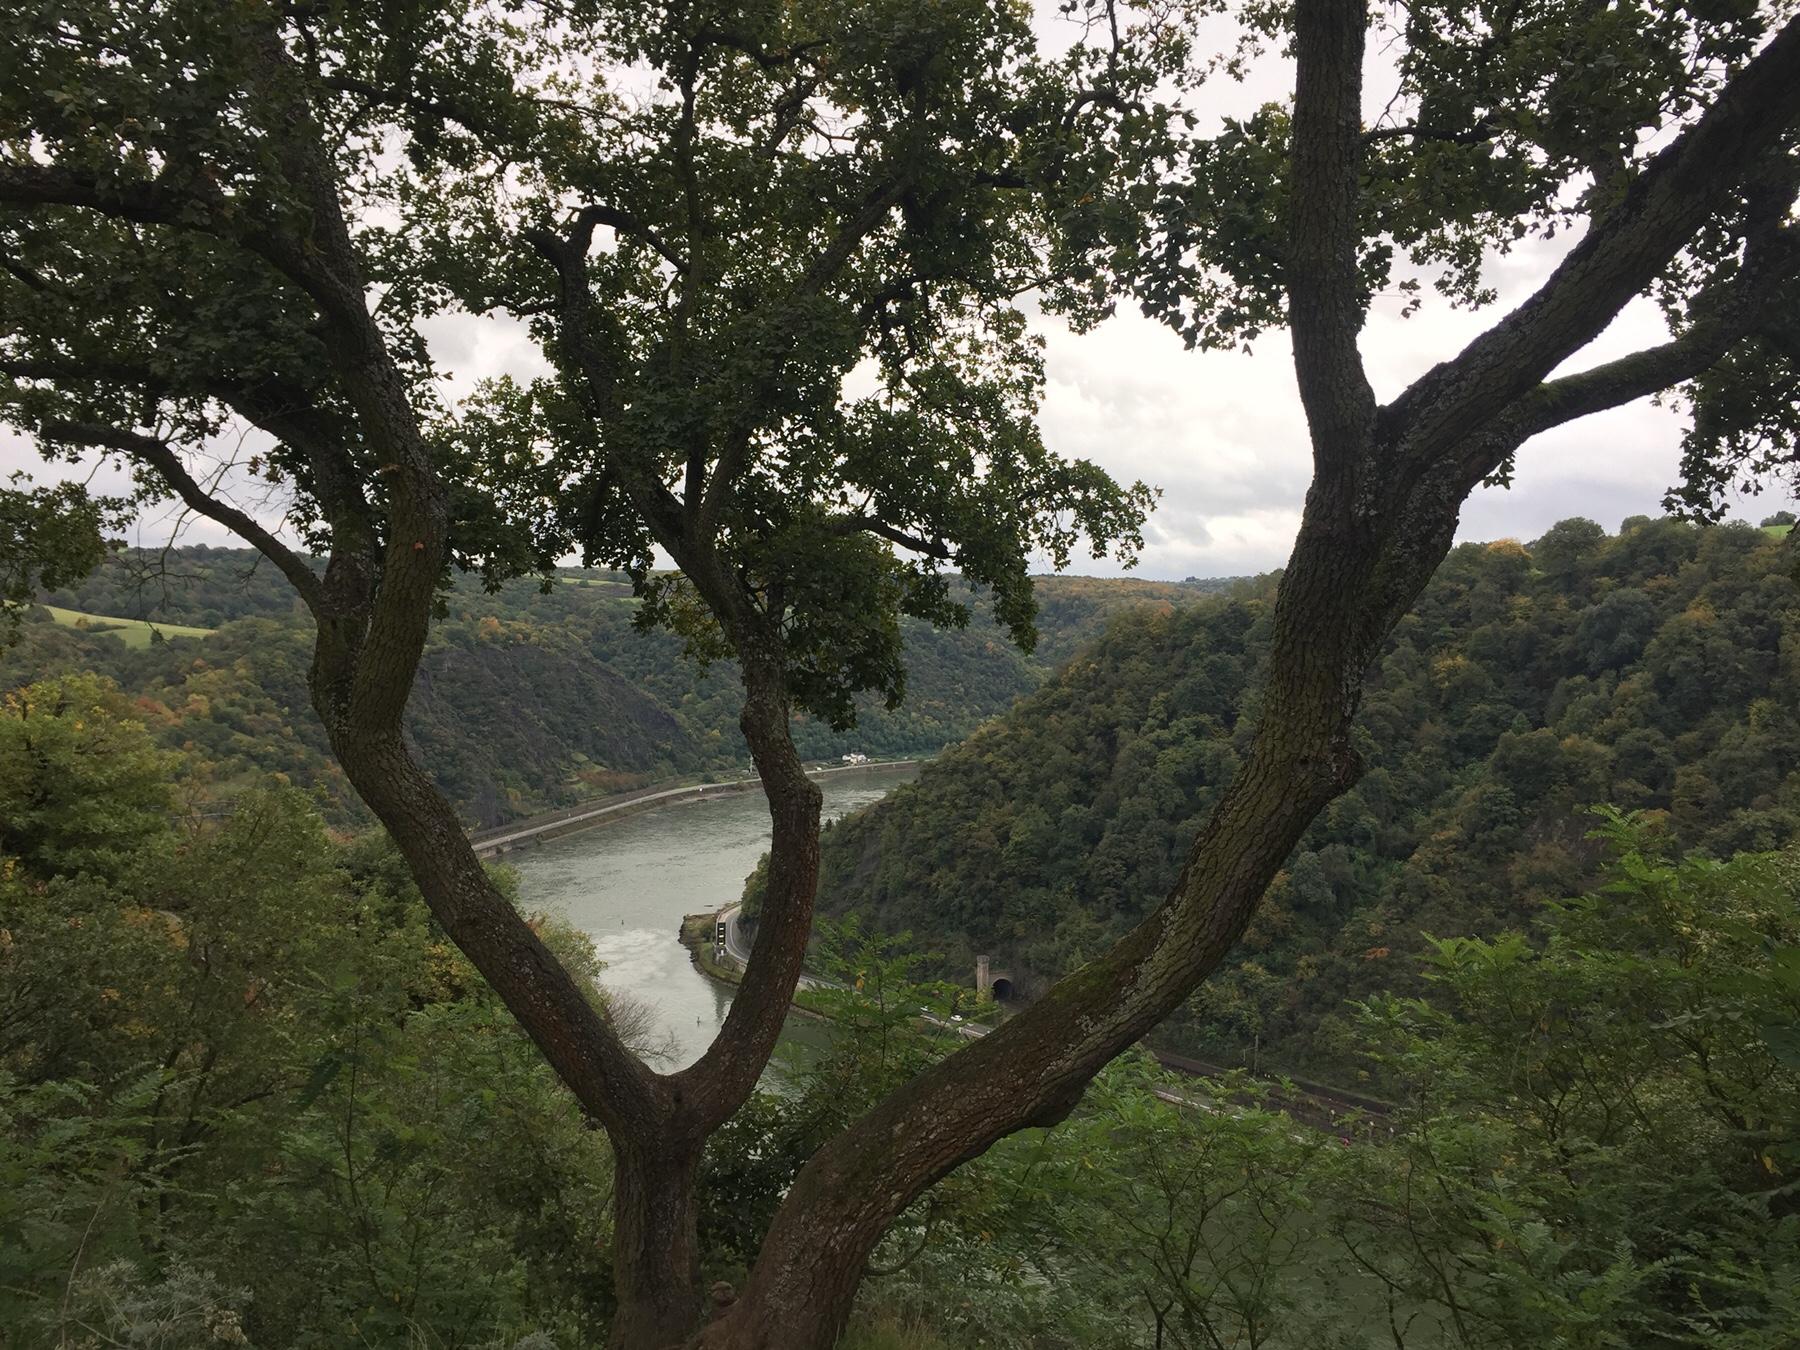 Auf dem Loreley Felsen, Rheinsteig auf dem Weg nach Kaub